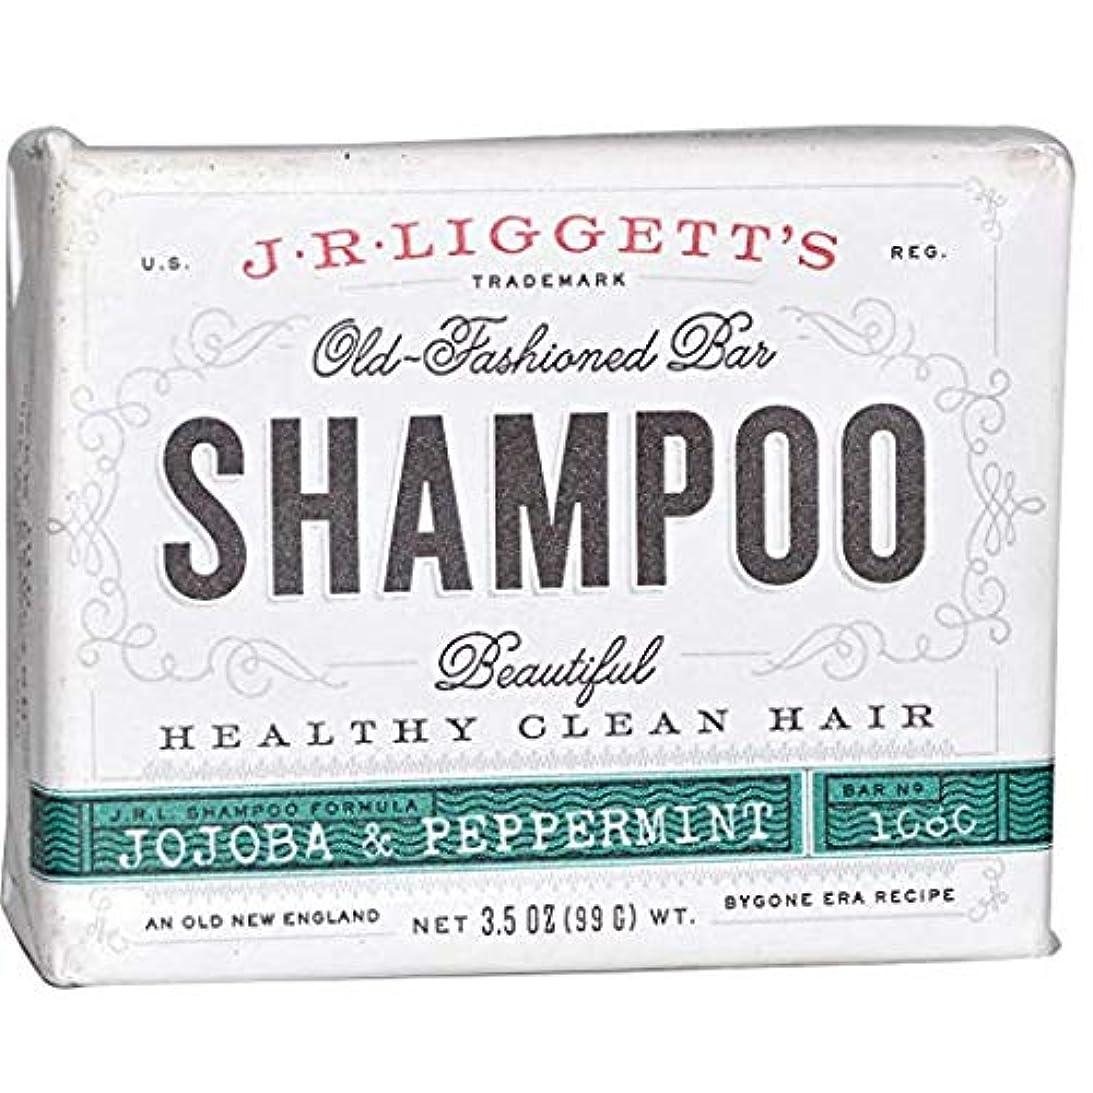 責任反動手数料J.R. Liggett's ジェイアール リジェッツ ホホバ&ペパーミントさっぱり清潔 固形石鹸シャンプー 3.5 oz (99 g) [並行輸入品]